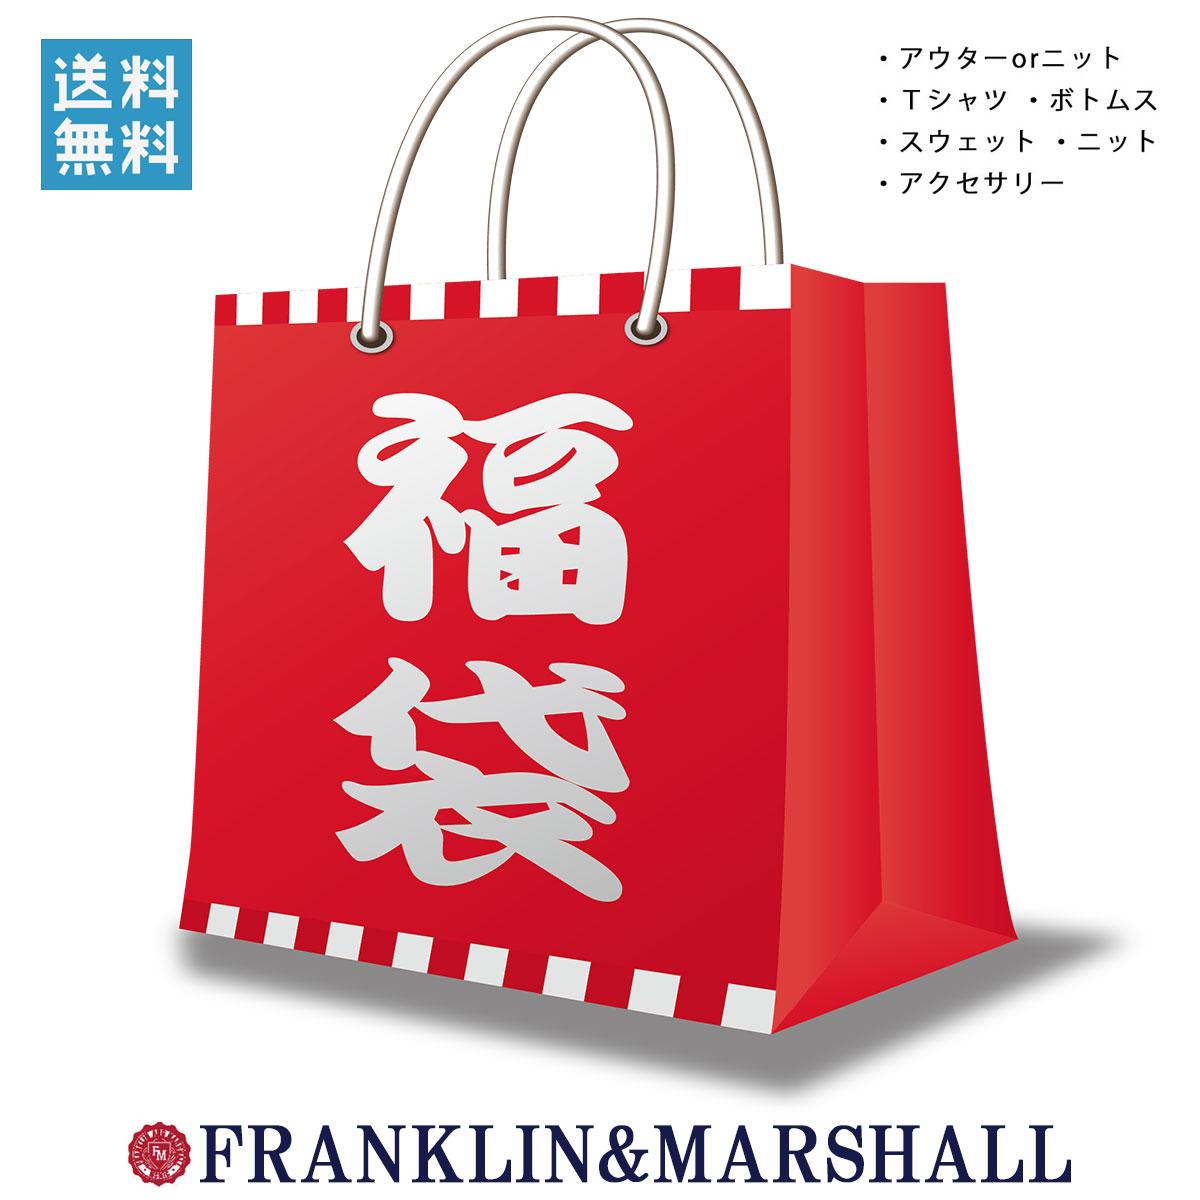 フランクリン マーシャル FRANKLIN&MARSHALL 正規販売店 メンズ 福袋 FRANKLIN&MARSHALL 30,000円福袋 (8-10万円相当 ※内容 アウター or ニット ボトムス スエット ニット Tシャツ アクセサリー)